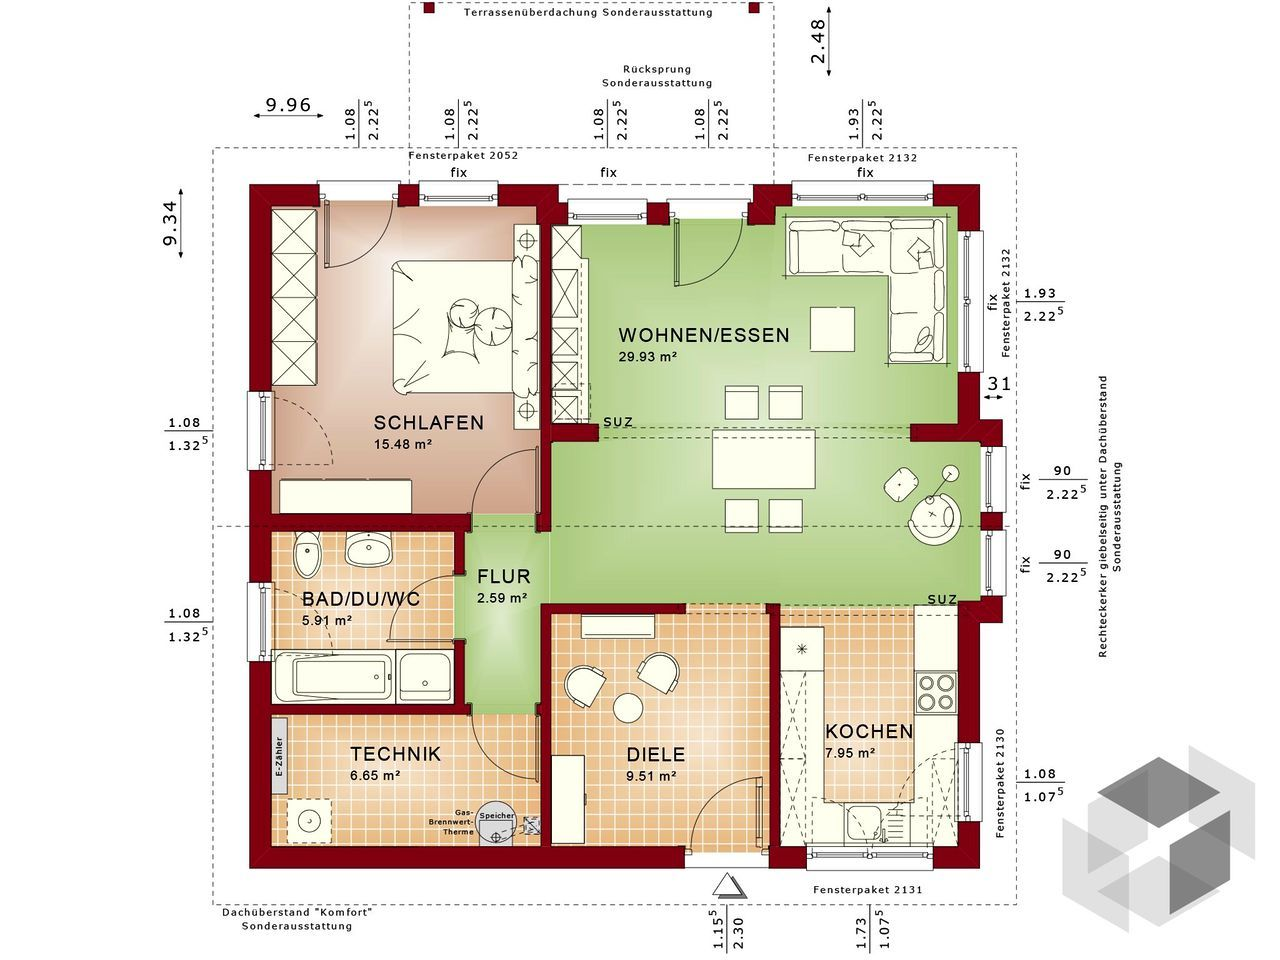 Groß Eine Küche Grundriss Bauen Ideen - Ideen Für Die Küche ...